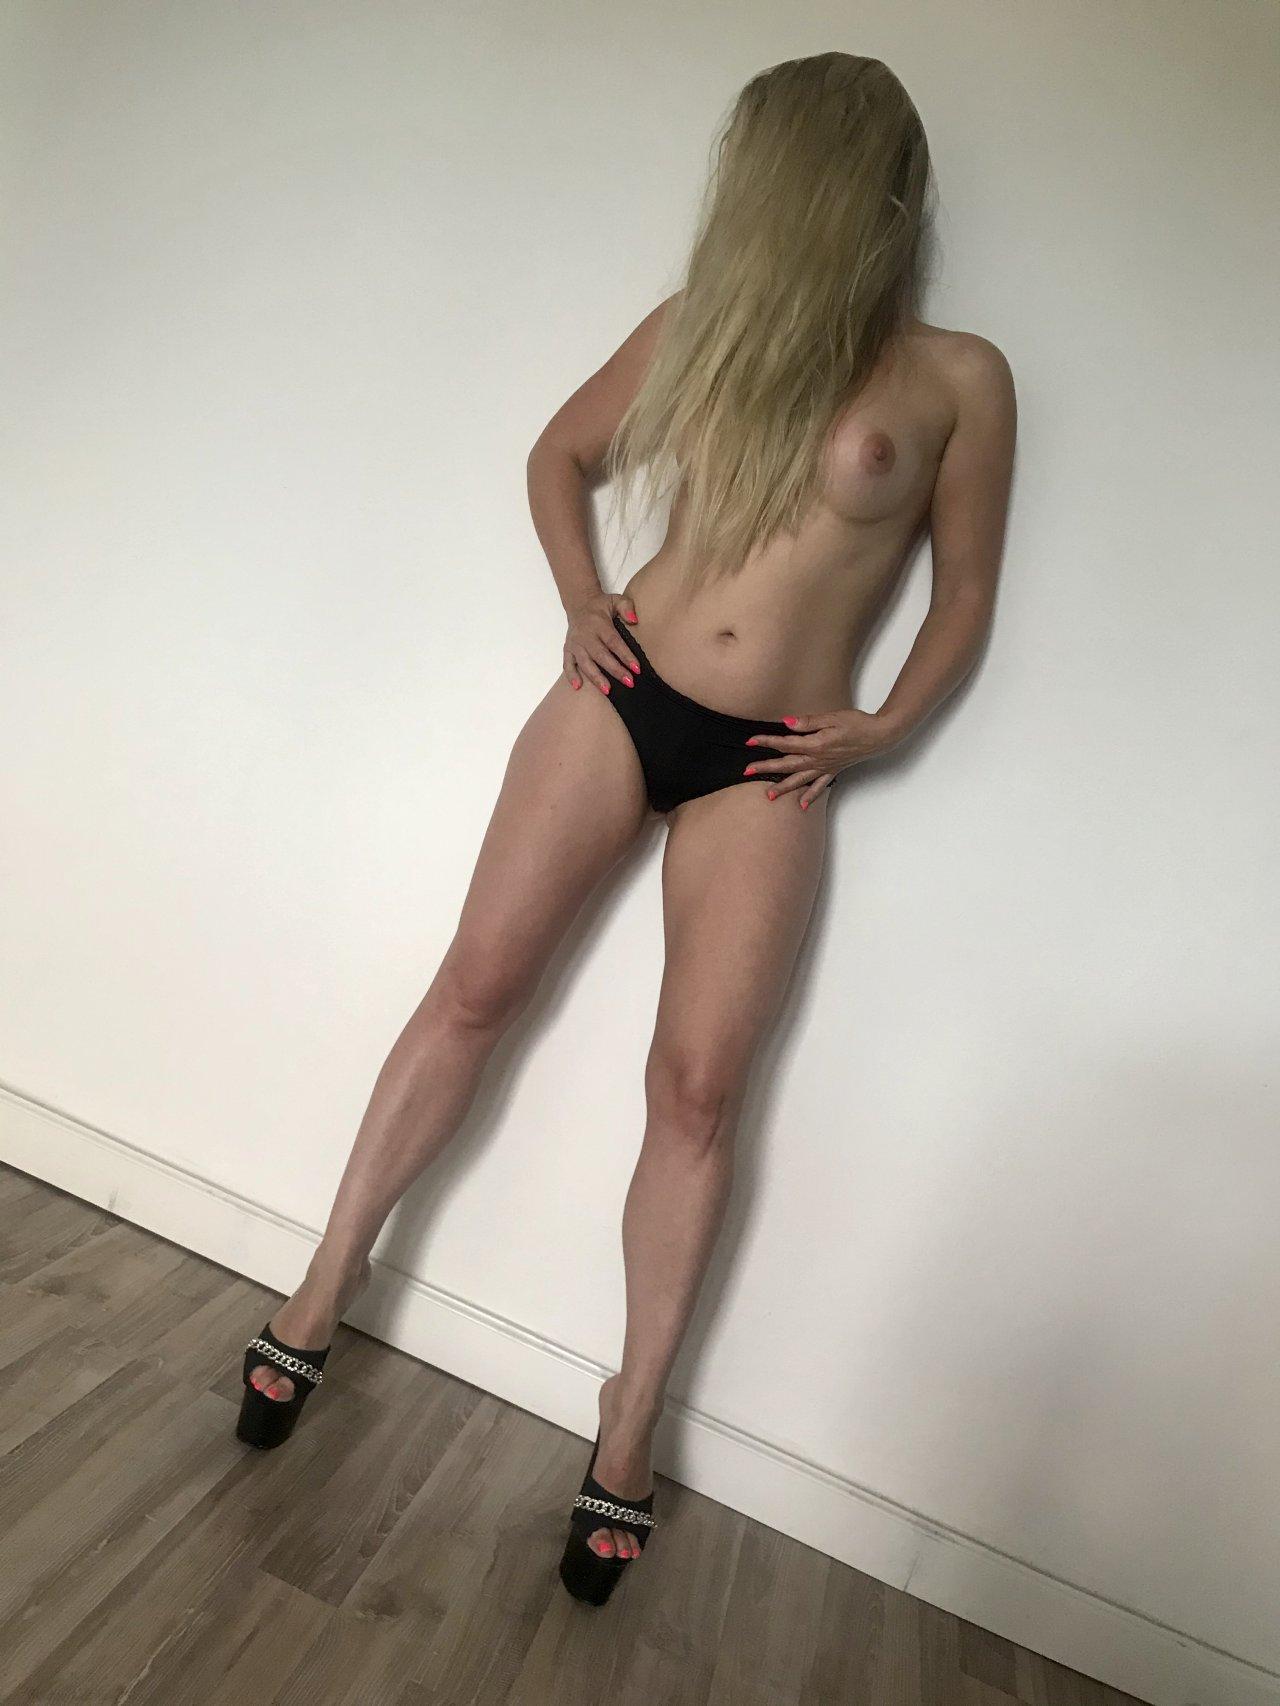 Erotick seznamka ABCsex - inzerty 471 a 480